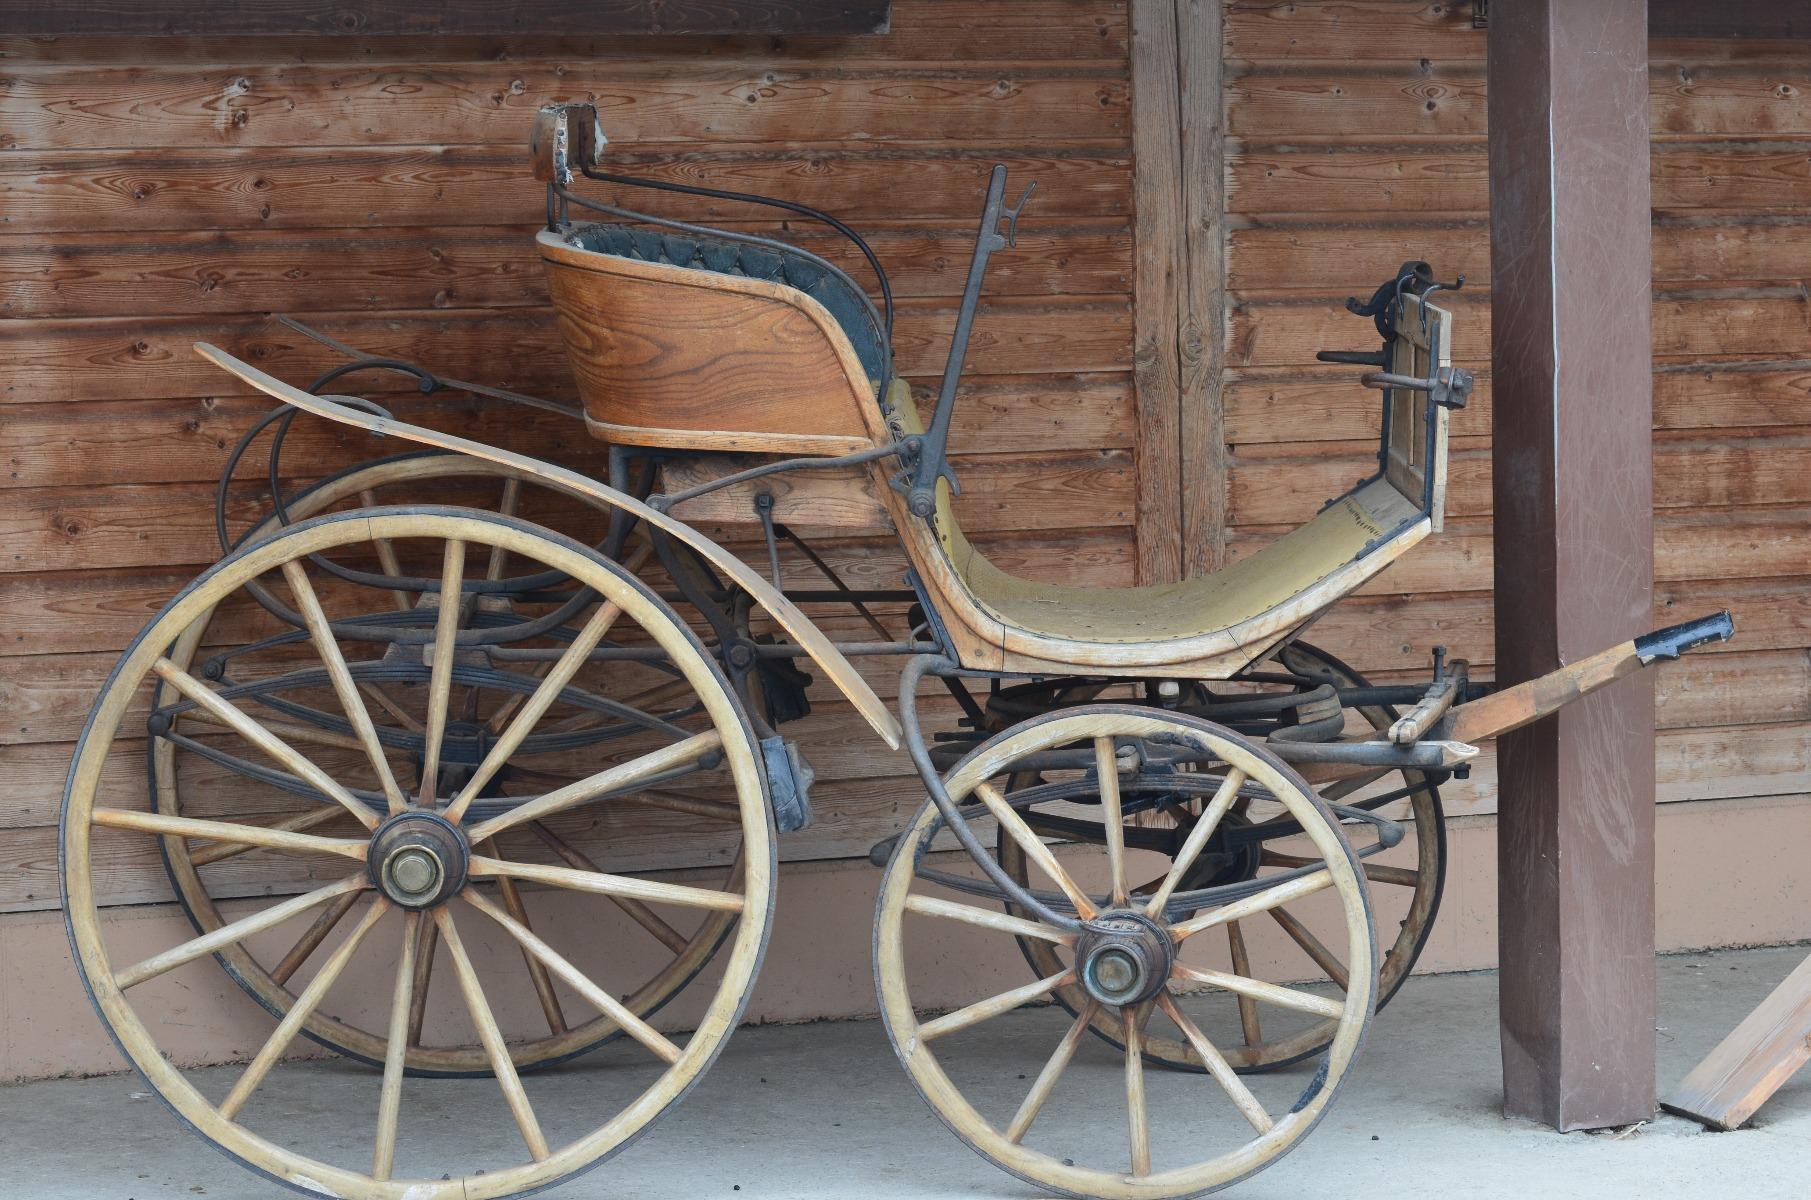 Stübben, Stellmacher, Sattel, Pferd, Kutsche, reiten, Reiter, Kutschrad, Rad